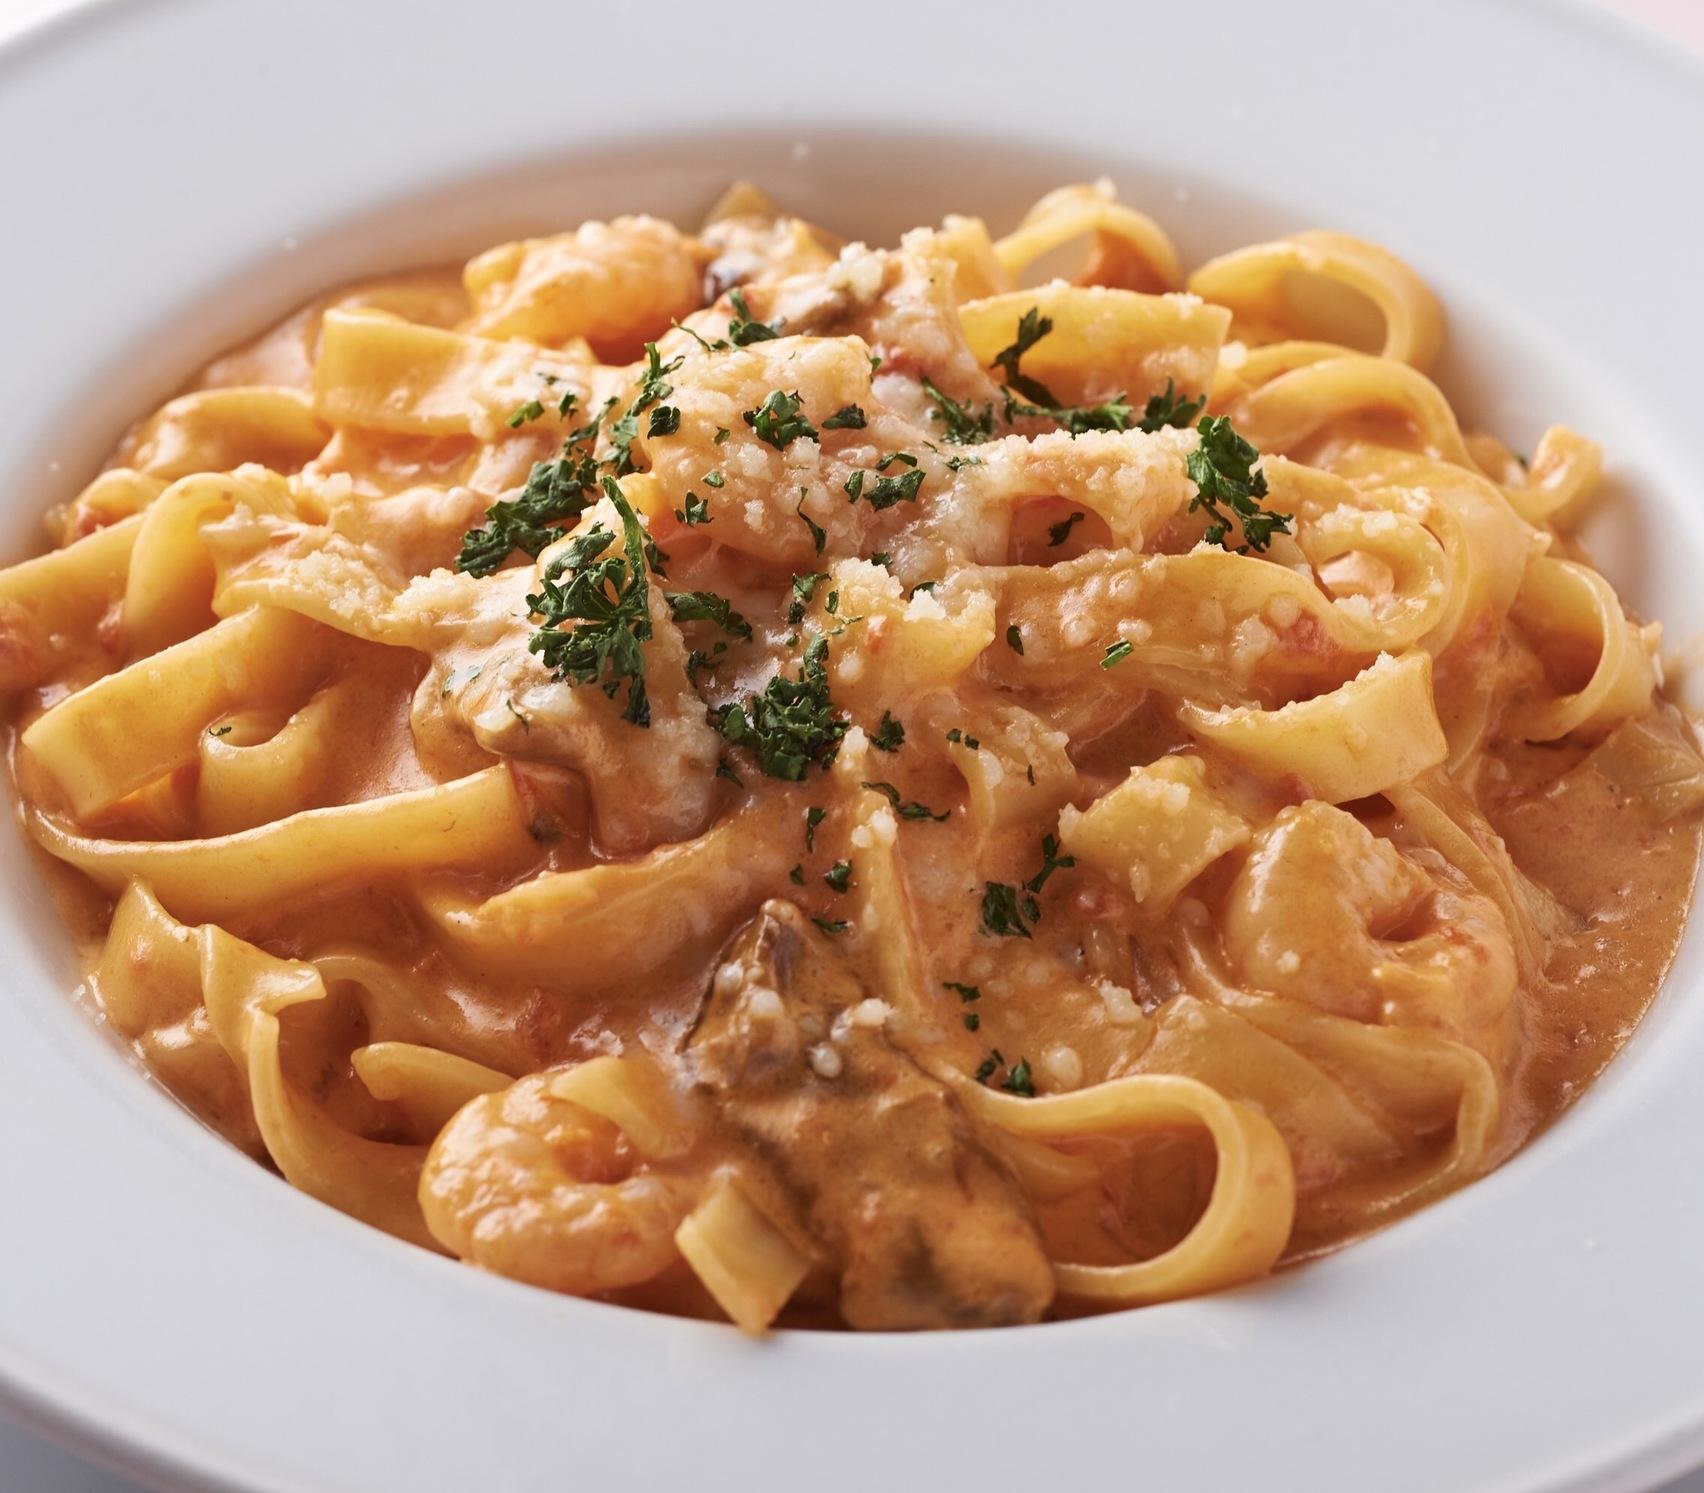 海老と芳醇な香りのポルチーニ茸が濃厚なトマトクリームソースに平打ちのフェットチーネがピッタリな人気パスタ